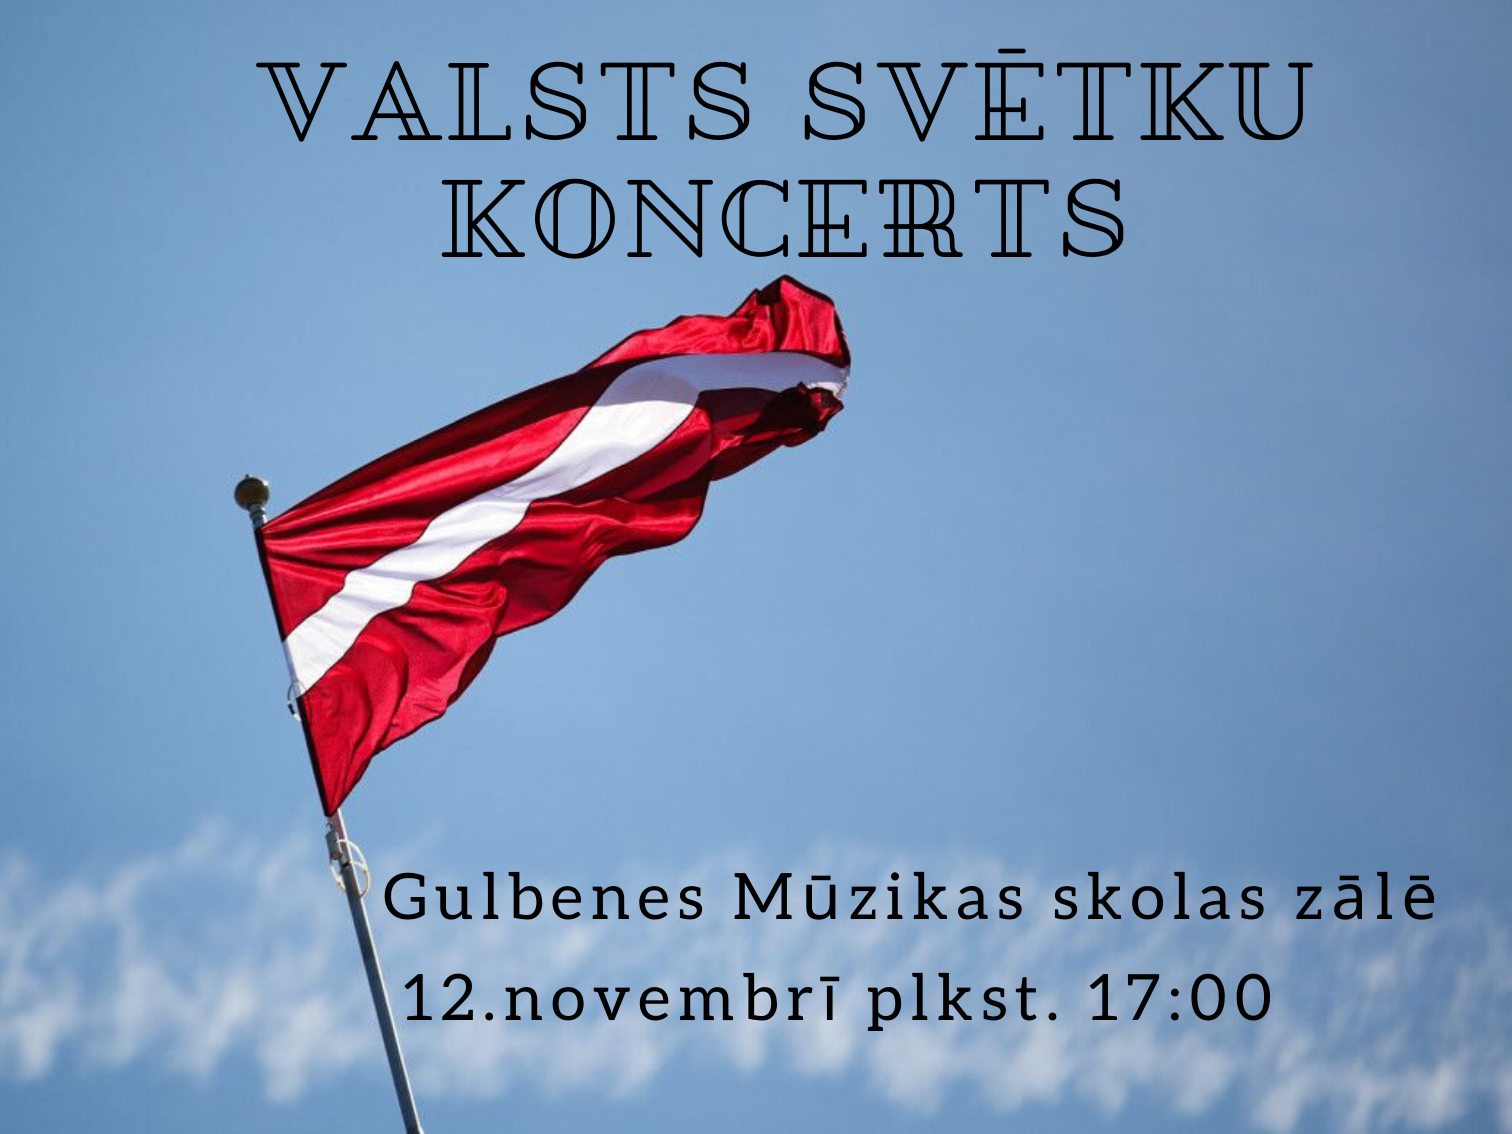 Valsts svētku koncerts